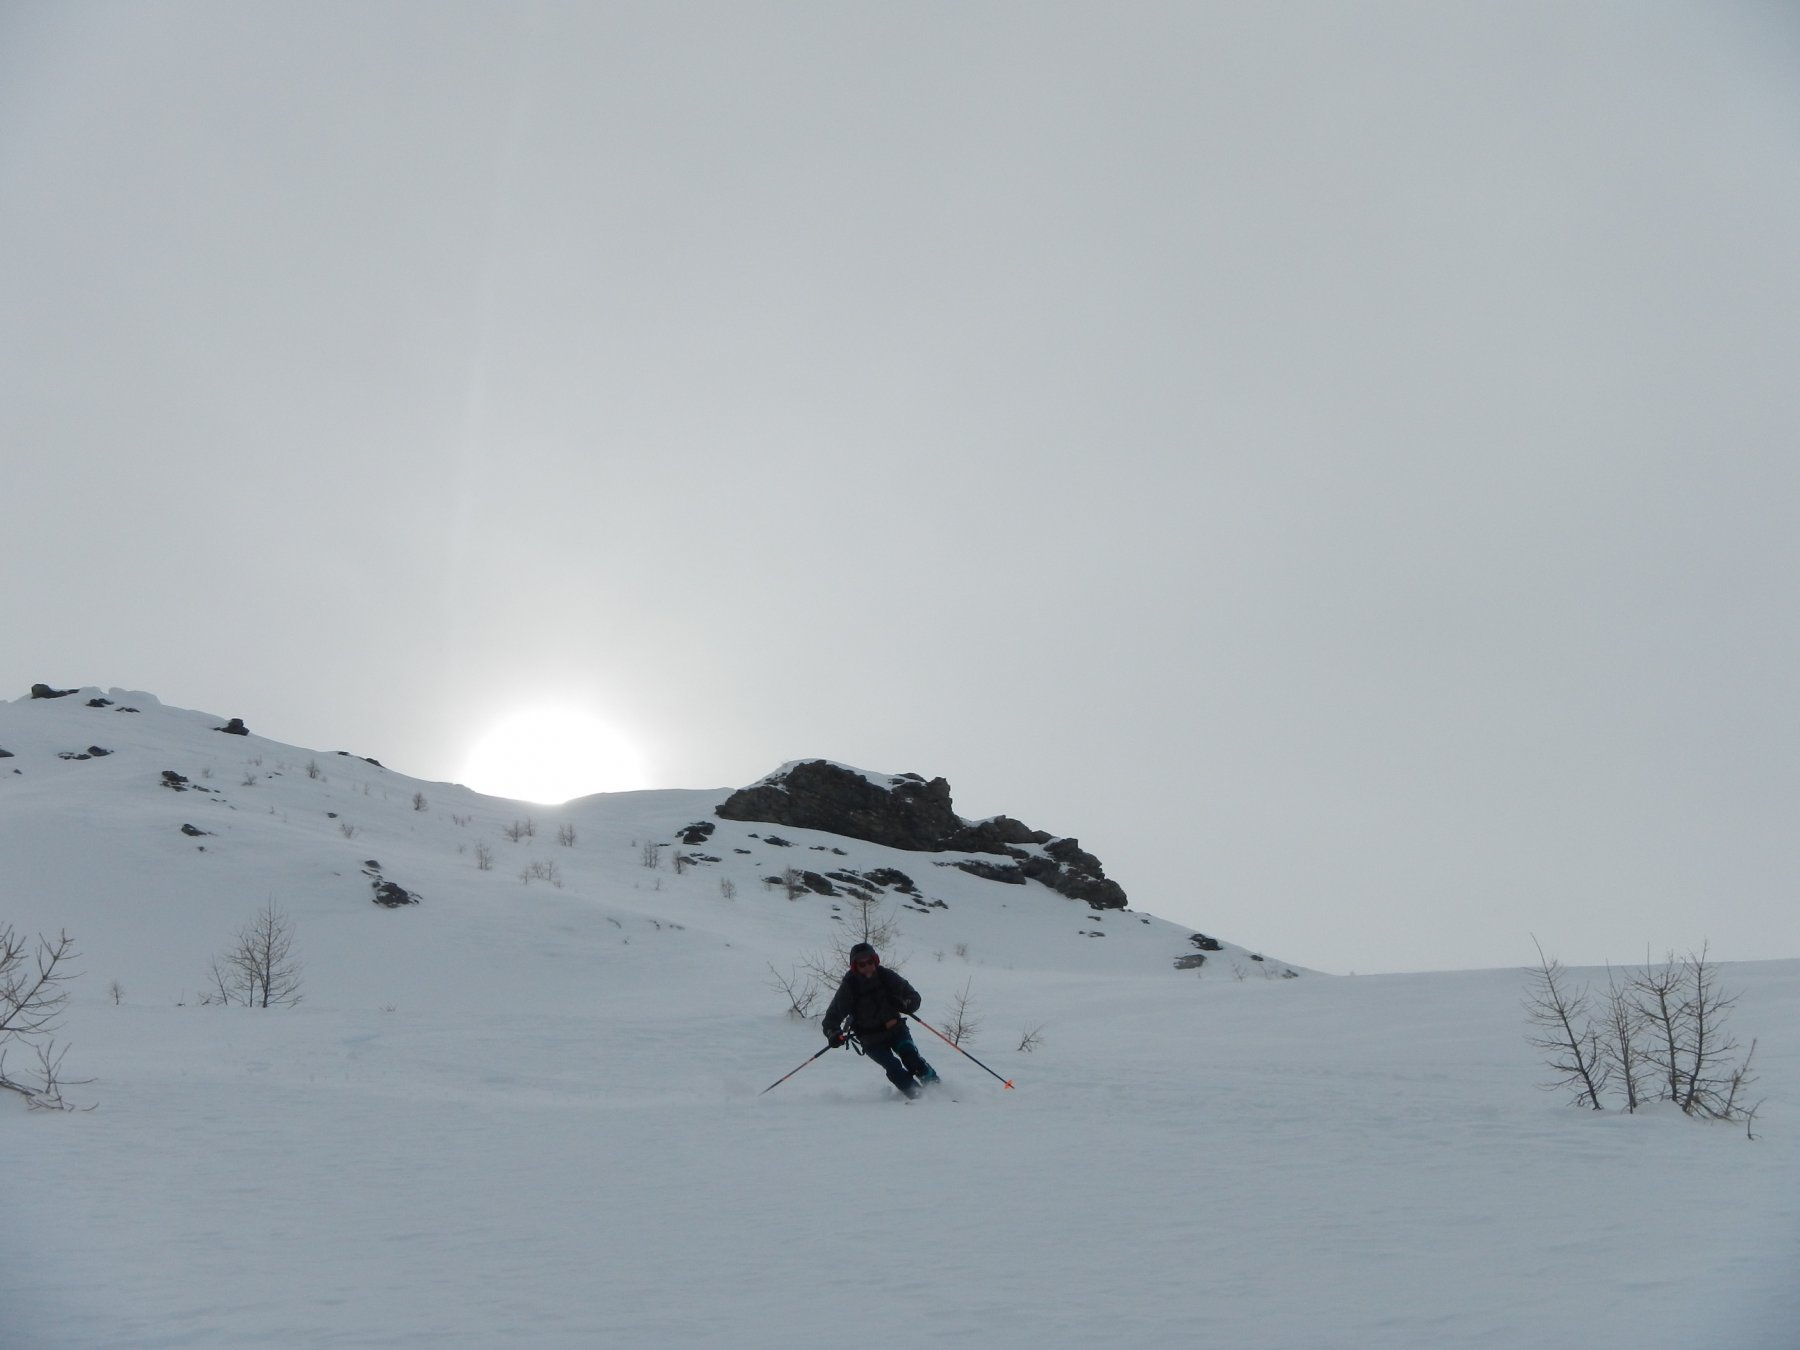 bella neve nei valloncelli esposti a nord